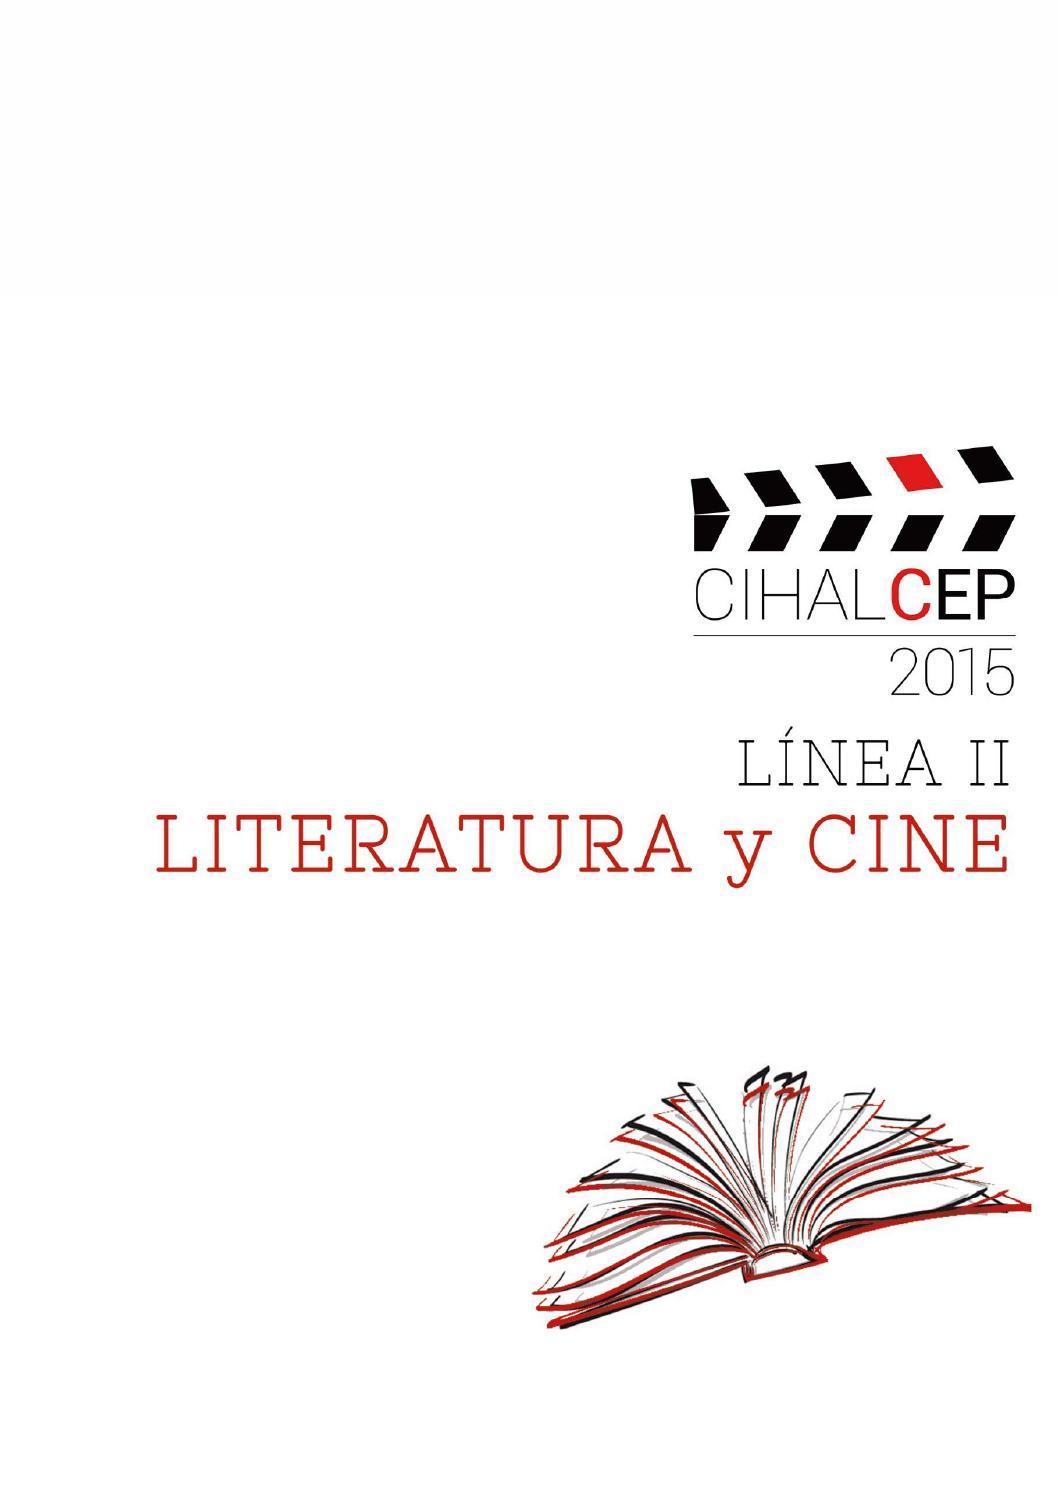 CIHALCEP 2015 II Literatura y cine by Centro de Estudios Brasileños - issuu 5730dc2ccd2